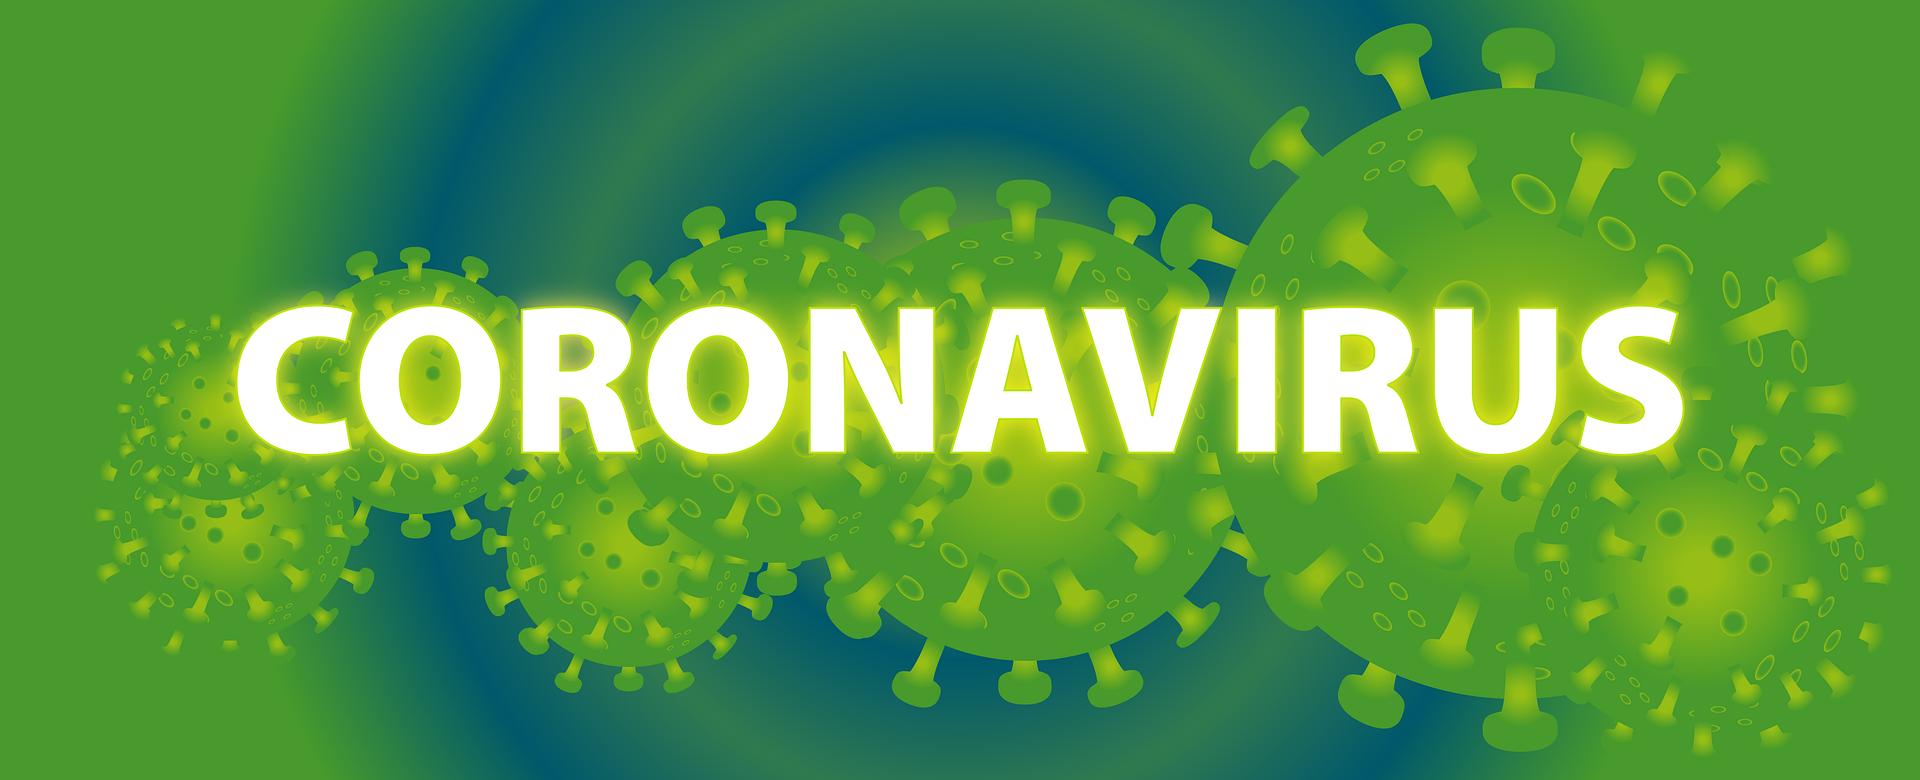 新型コロナウイルスの特徴